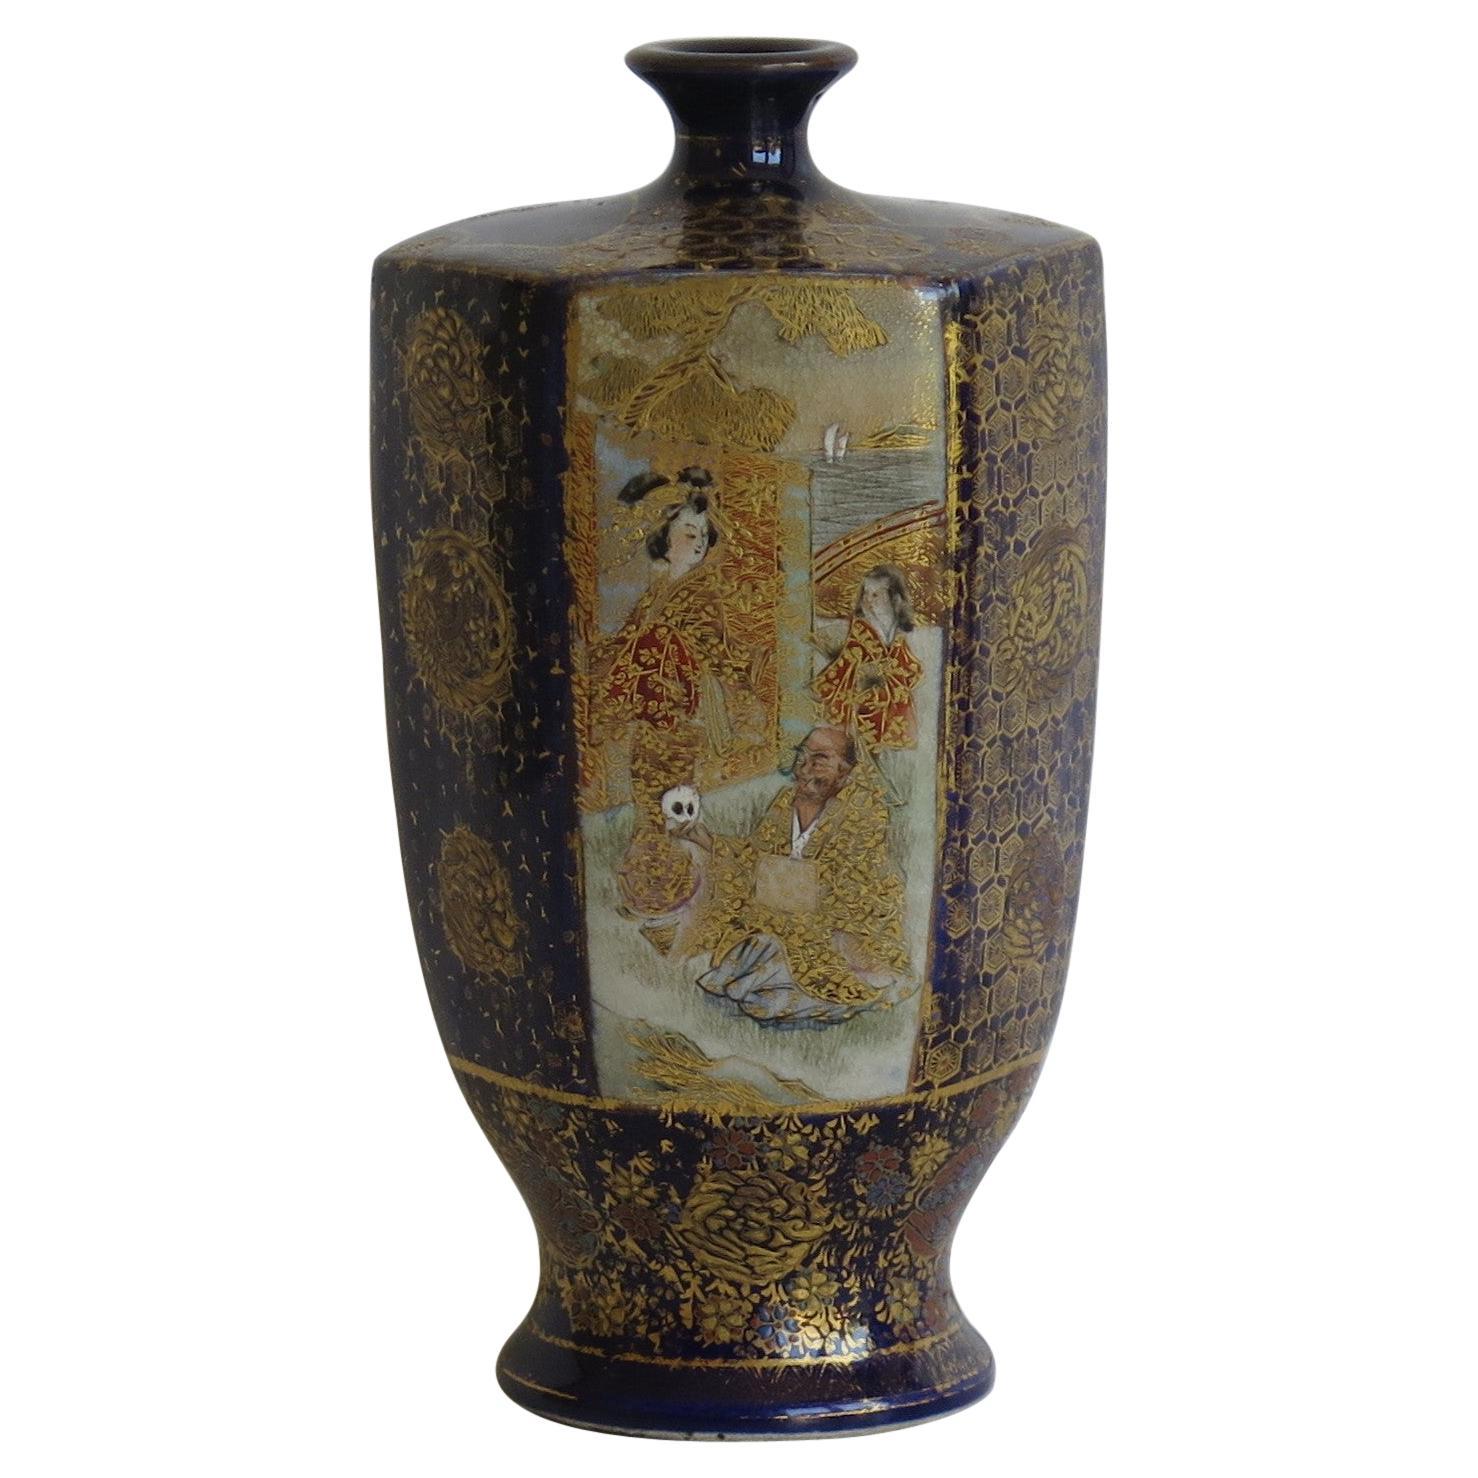 Fine Japanese Satsuma Vase Hand-Painted Marked to Base 19th Century Meiji Period